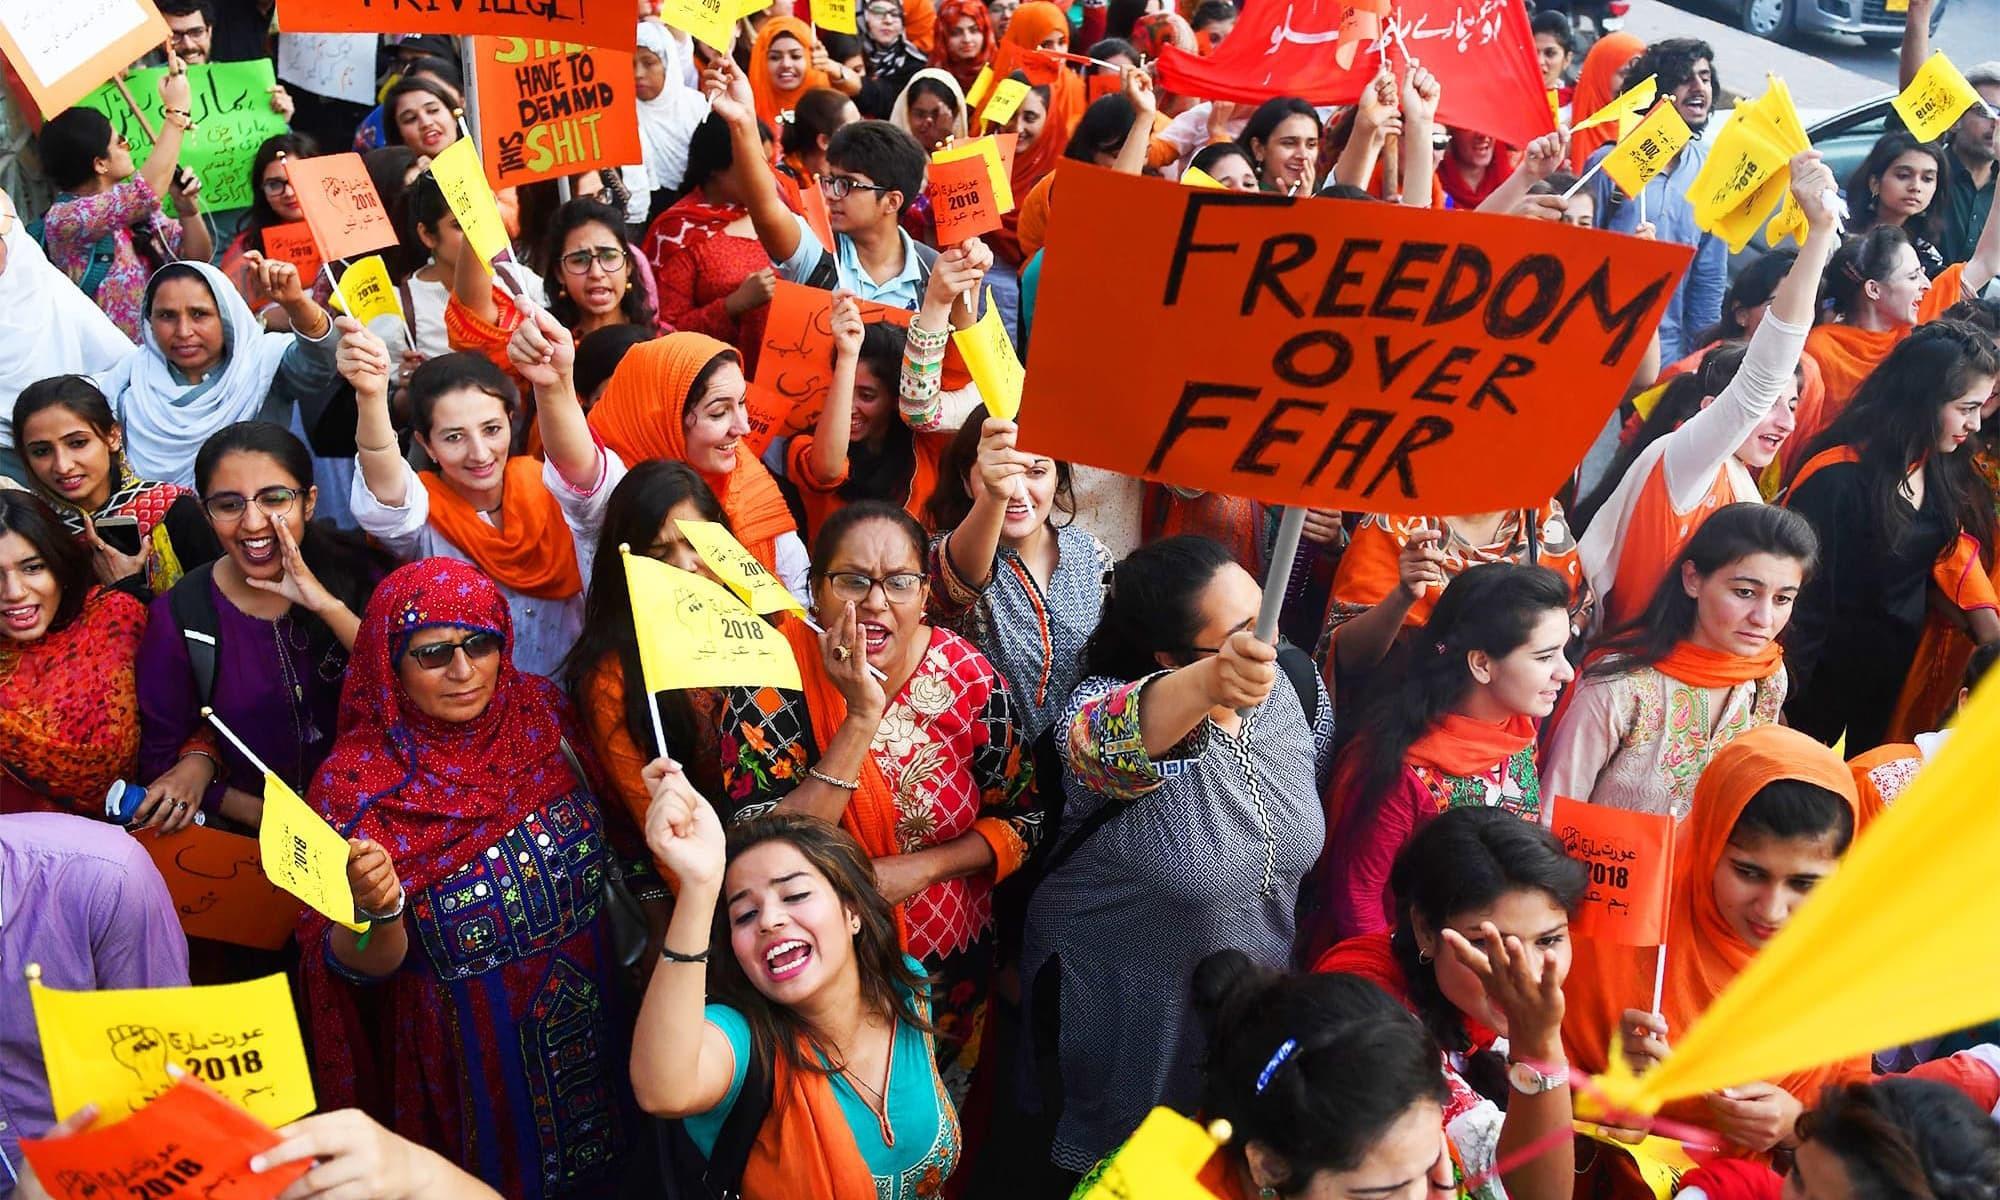 آئندہ ماہ 8 مارچ کو ملک کے مختلف علاقوں میں عورت مارچ کا اعلان کیا گیا ہے —فائل فوٹو: اے ایف پی